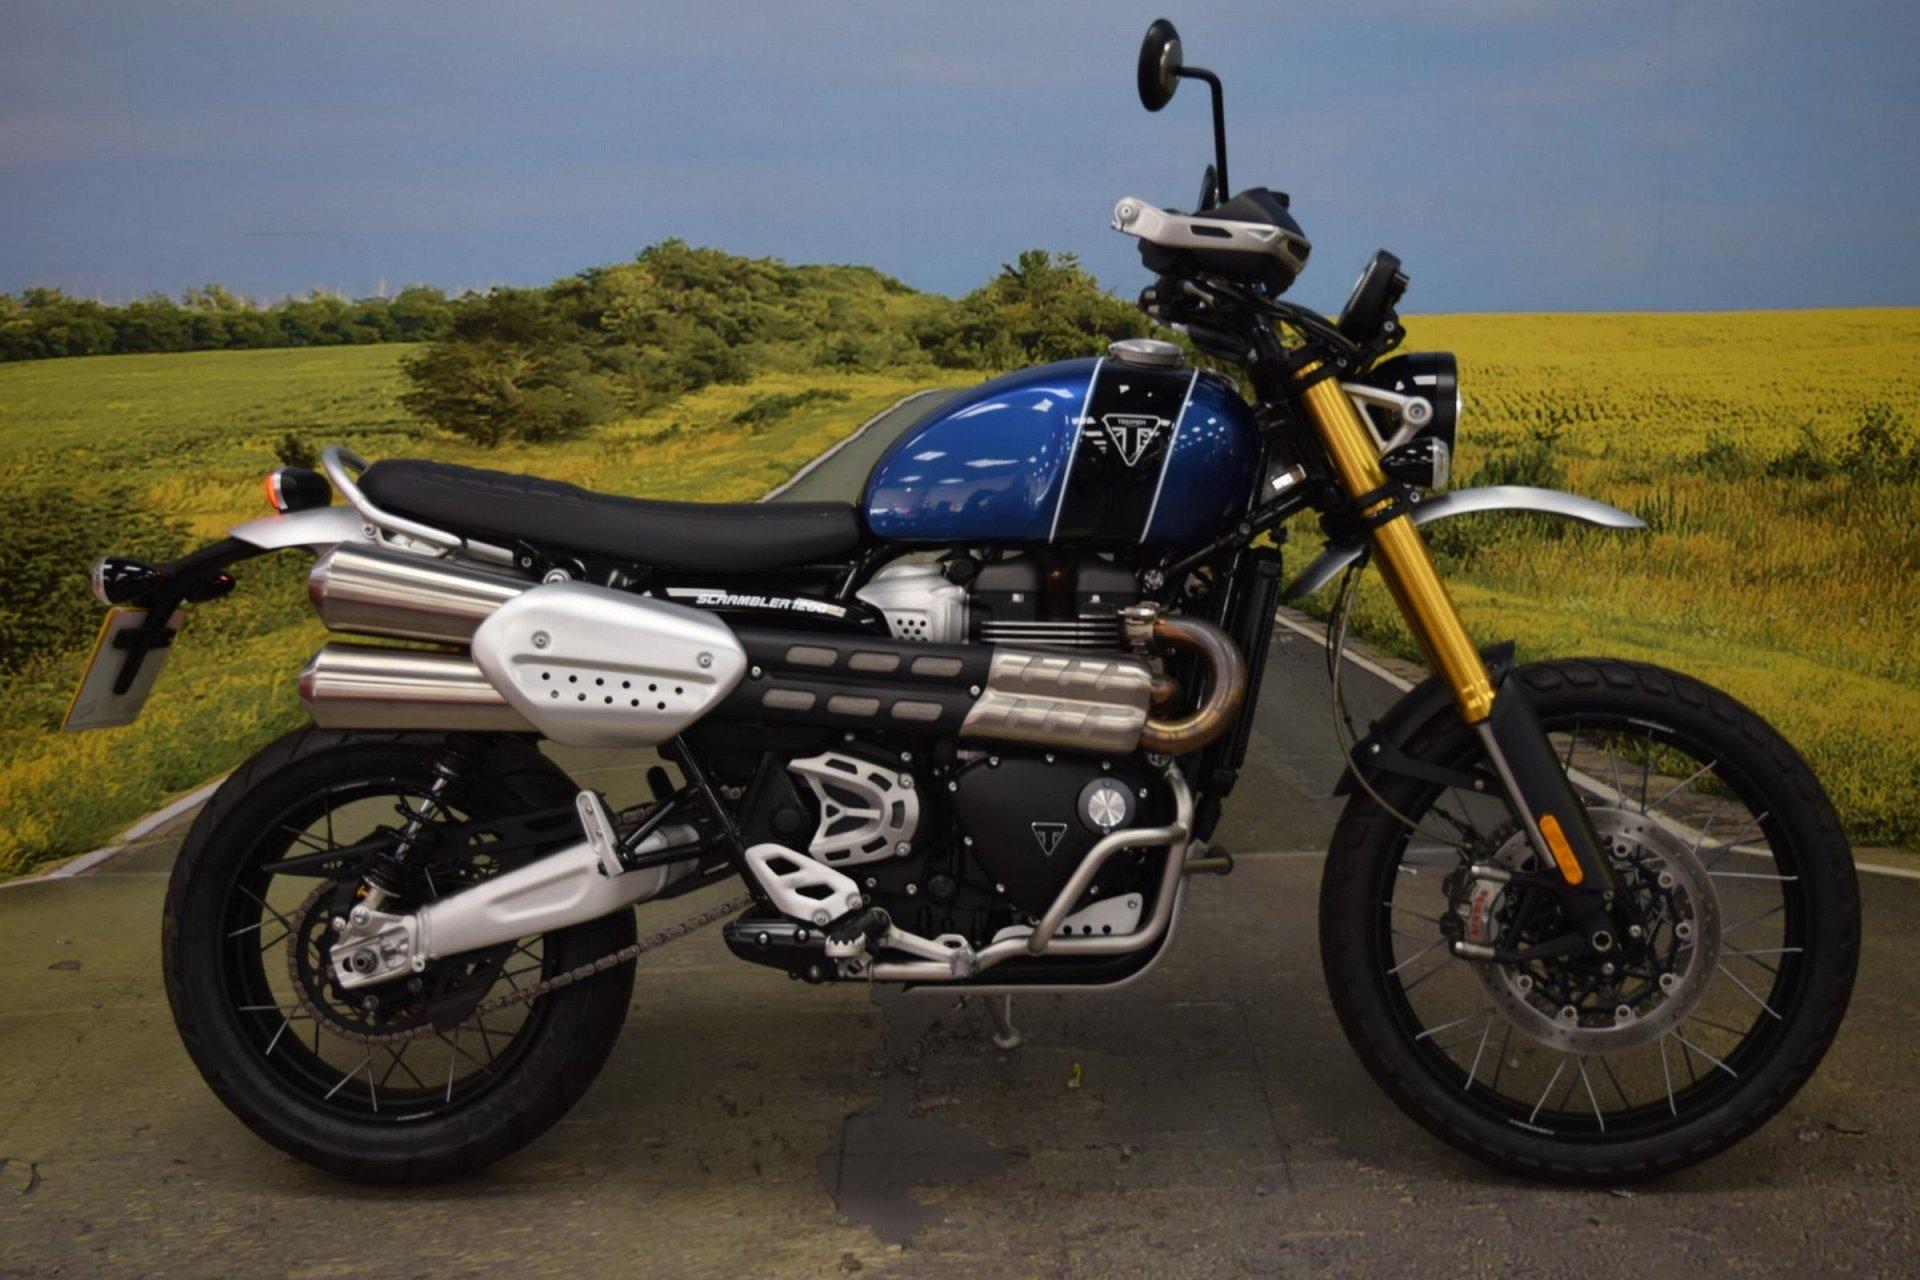 2019 Triumph Scrambler 1200 XE for sale in Staffordshire